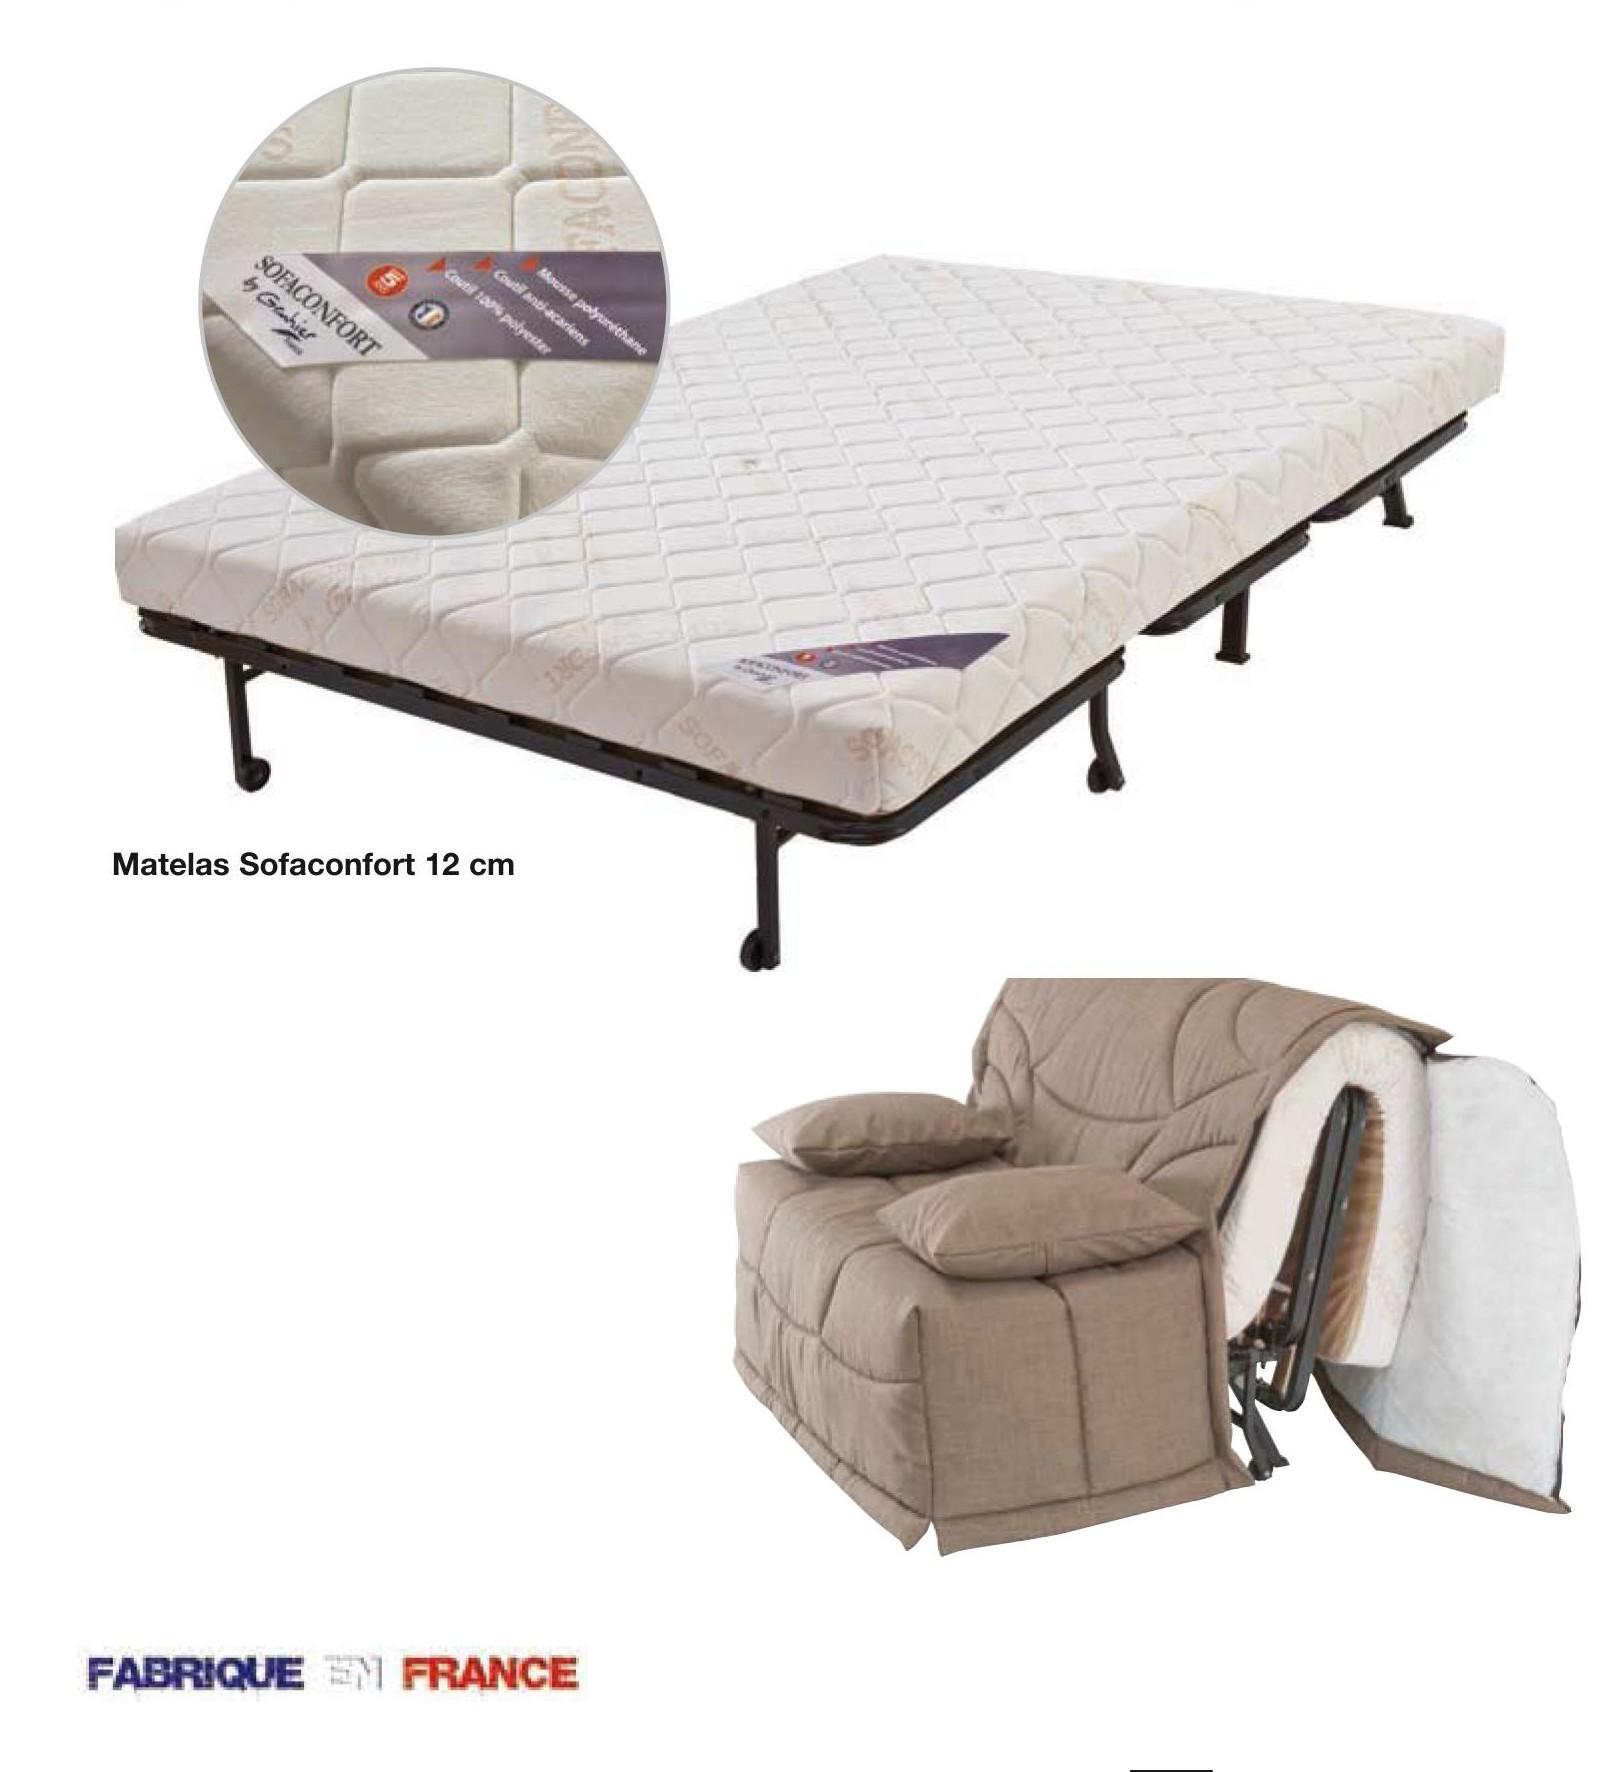 acheter banquette lit bz sleeping c cilia pas cher avenue literie. Black Bedroom Furniture Sets. Home Design Ideas